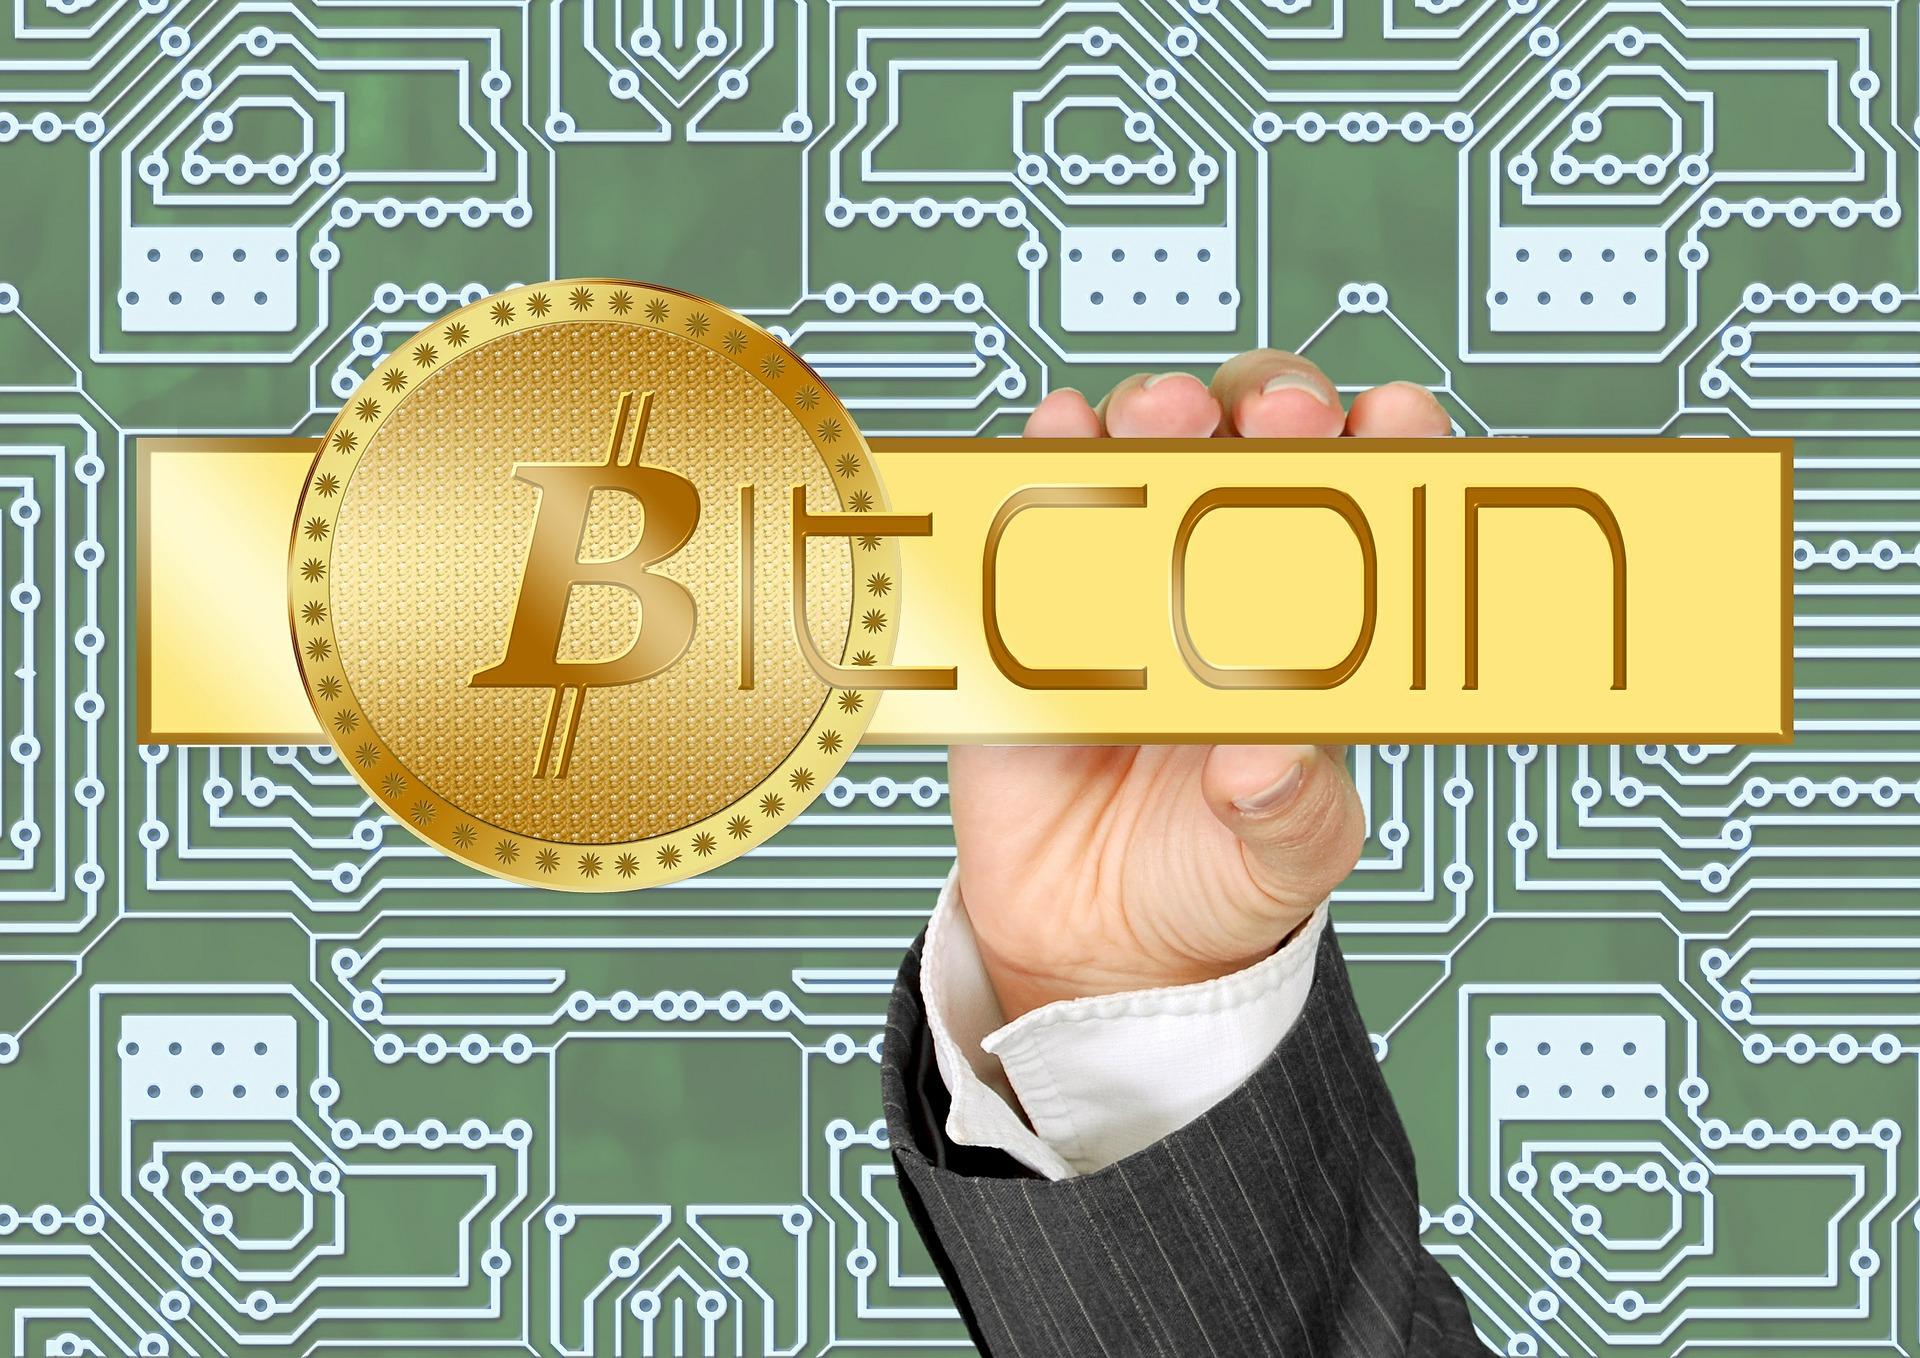 É prático e confiável ganhar dinheiro com bitcoins.